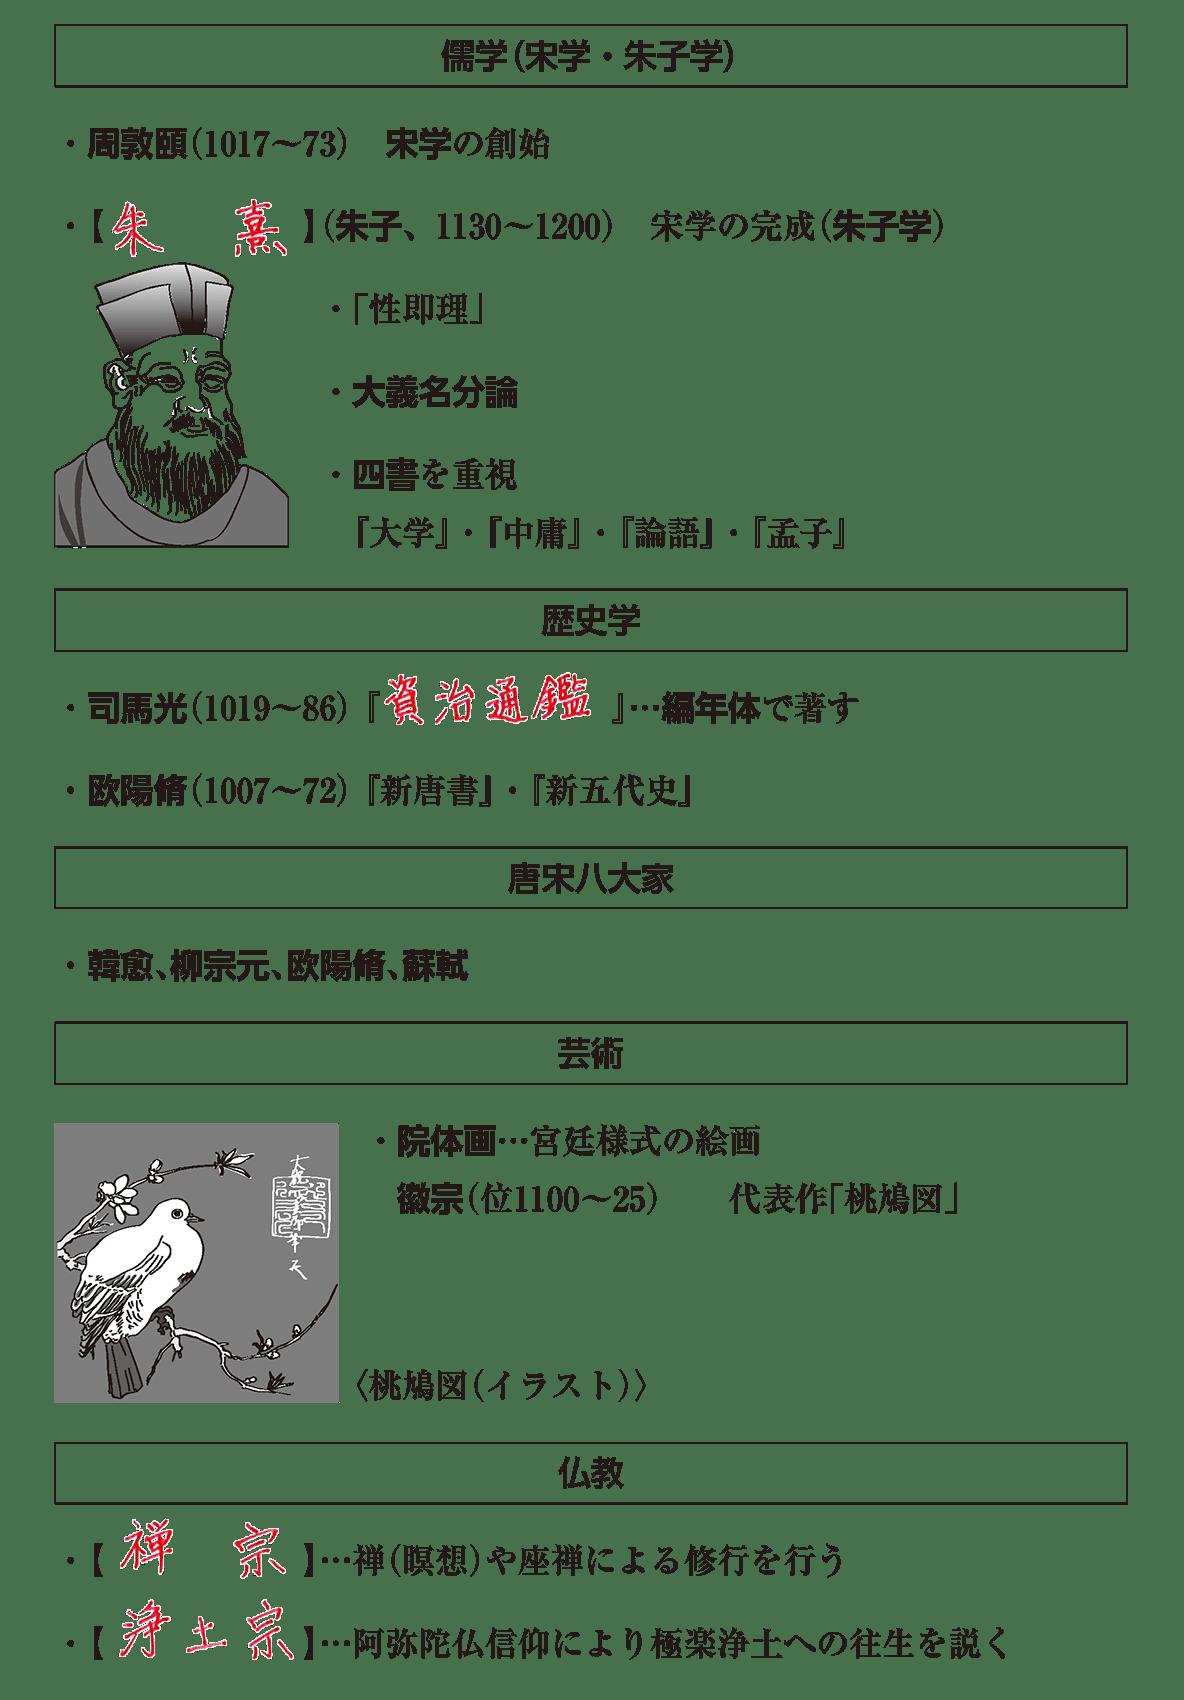 高校世界史 東アジア世界の展開3 ポ3 答え全部